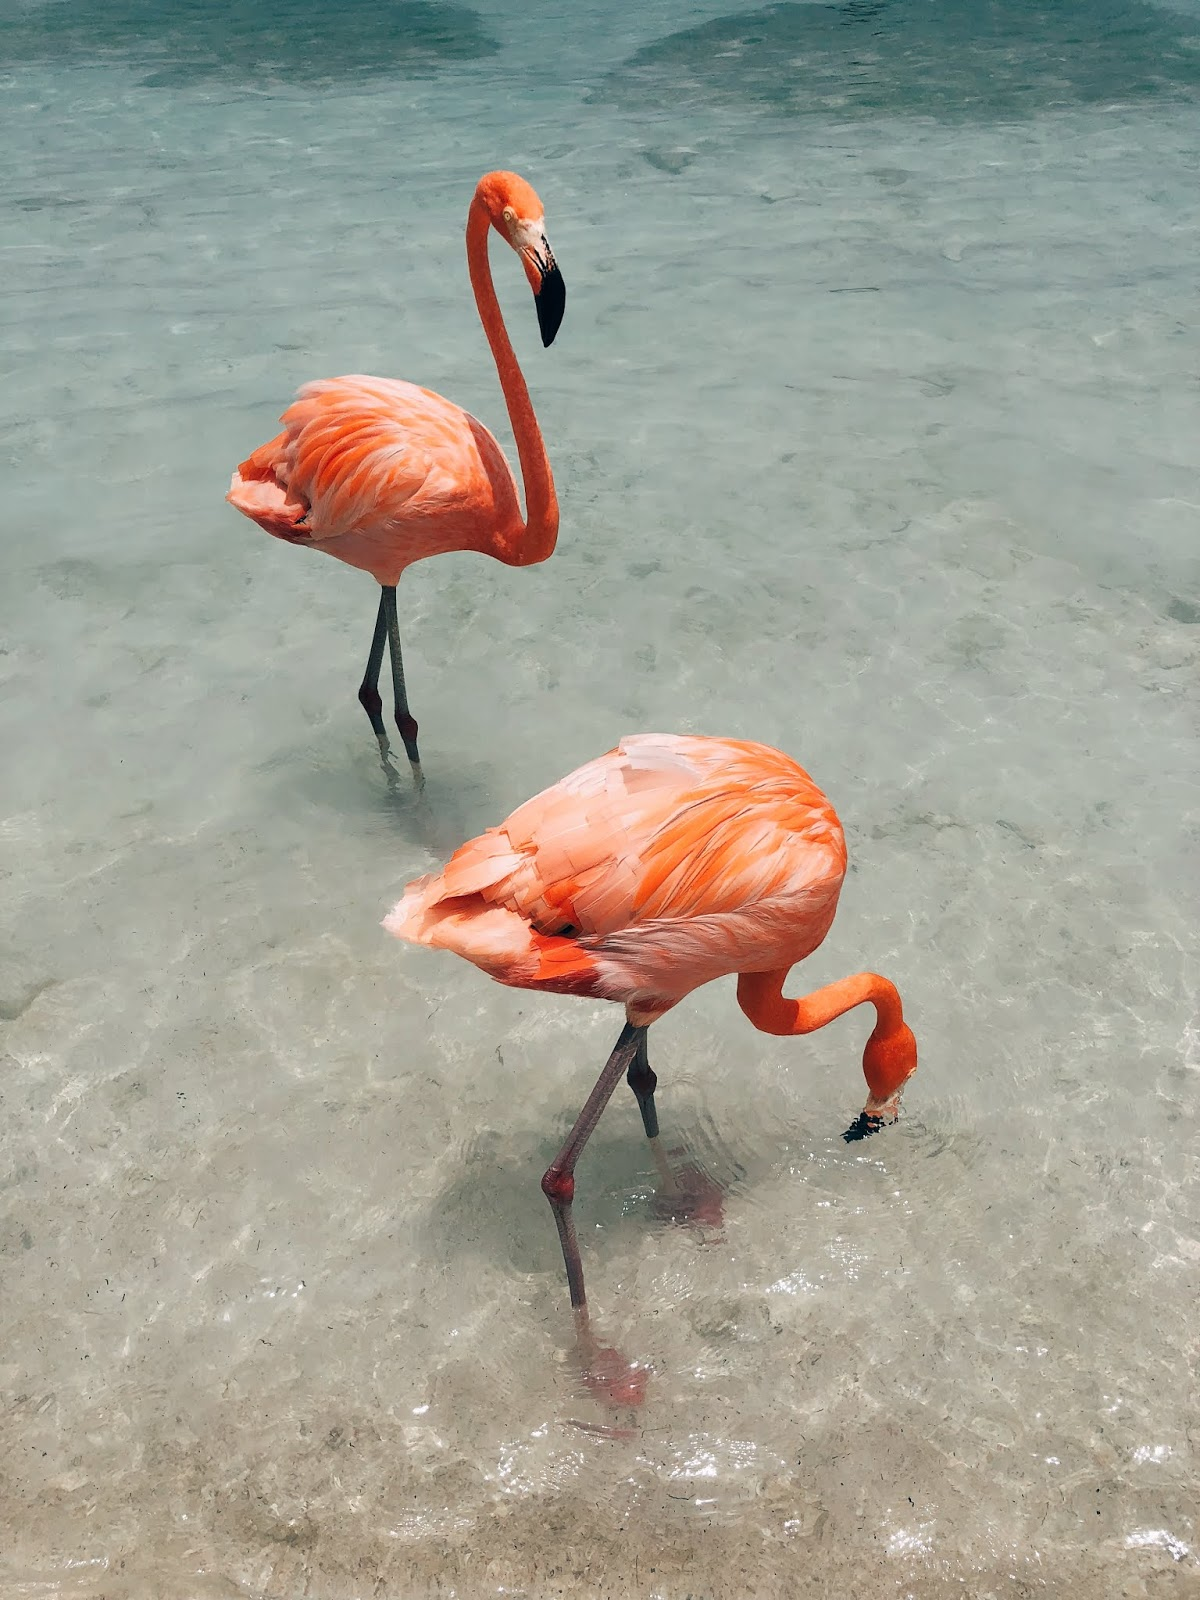 Aruba E Miami Un Viaggio Da Sogno Con Eden Made Pensieri In Viaggio